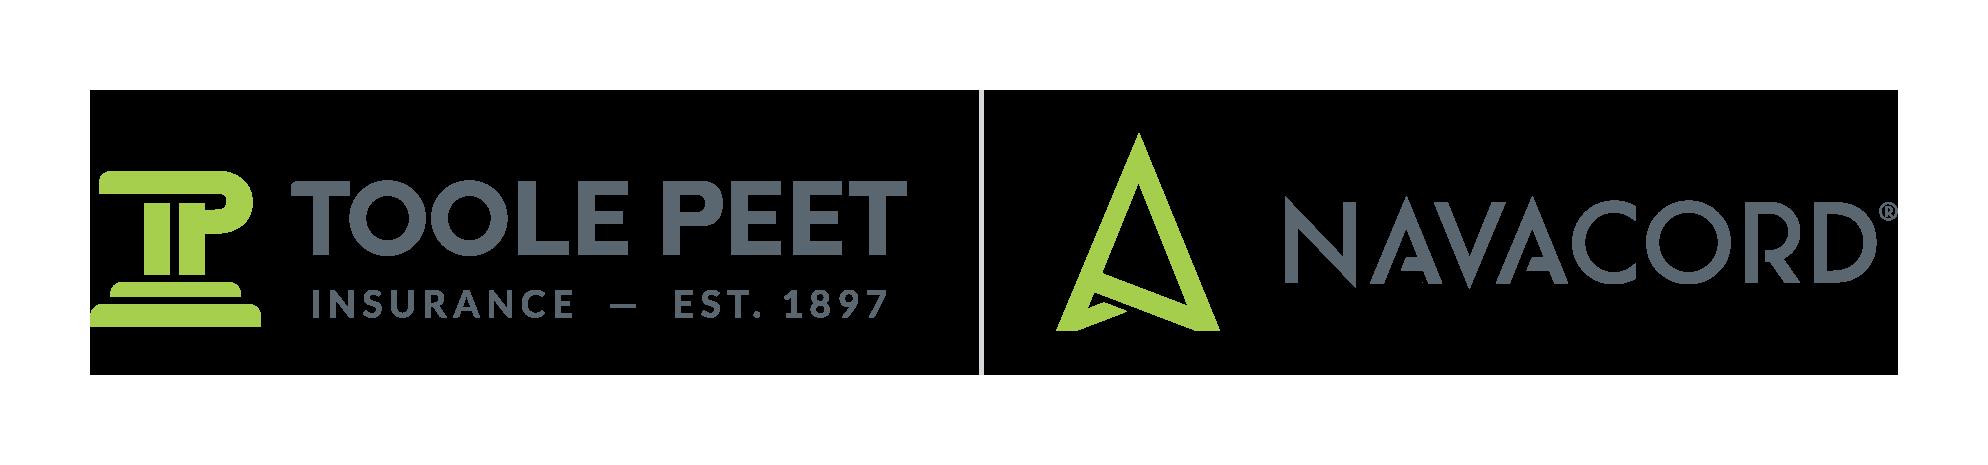 Toole Peet Navacord Logo